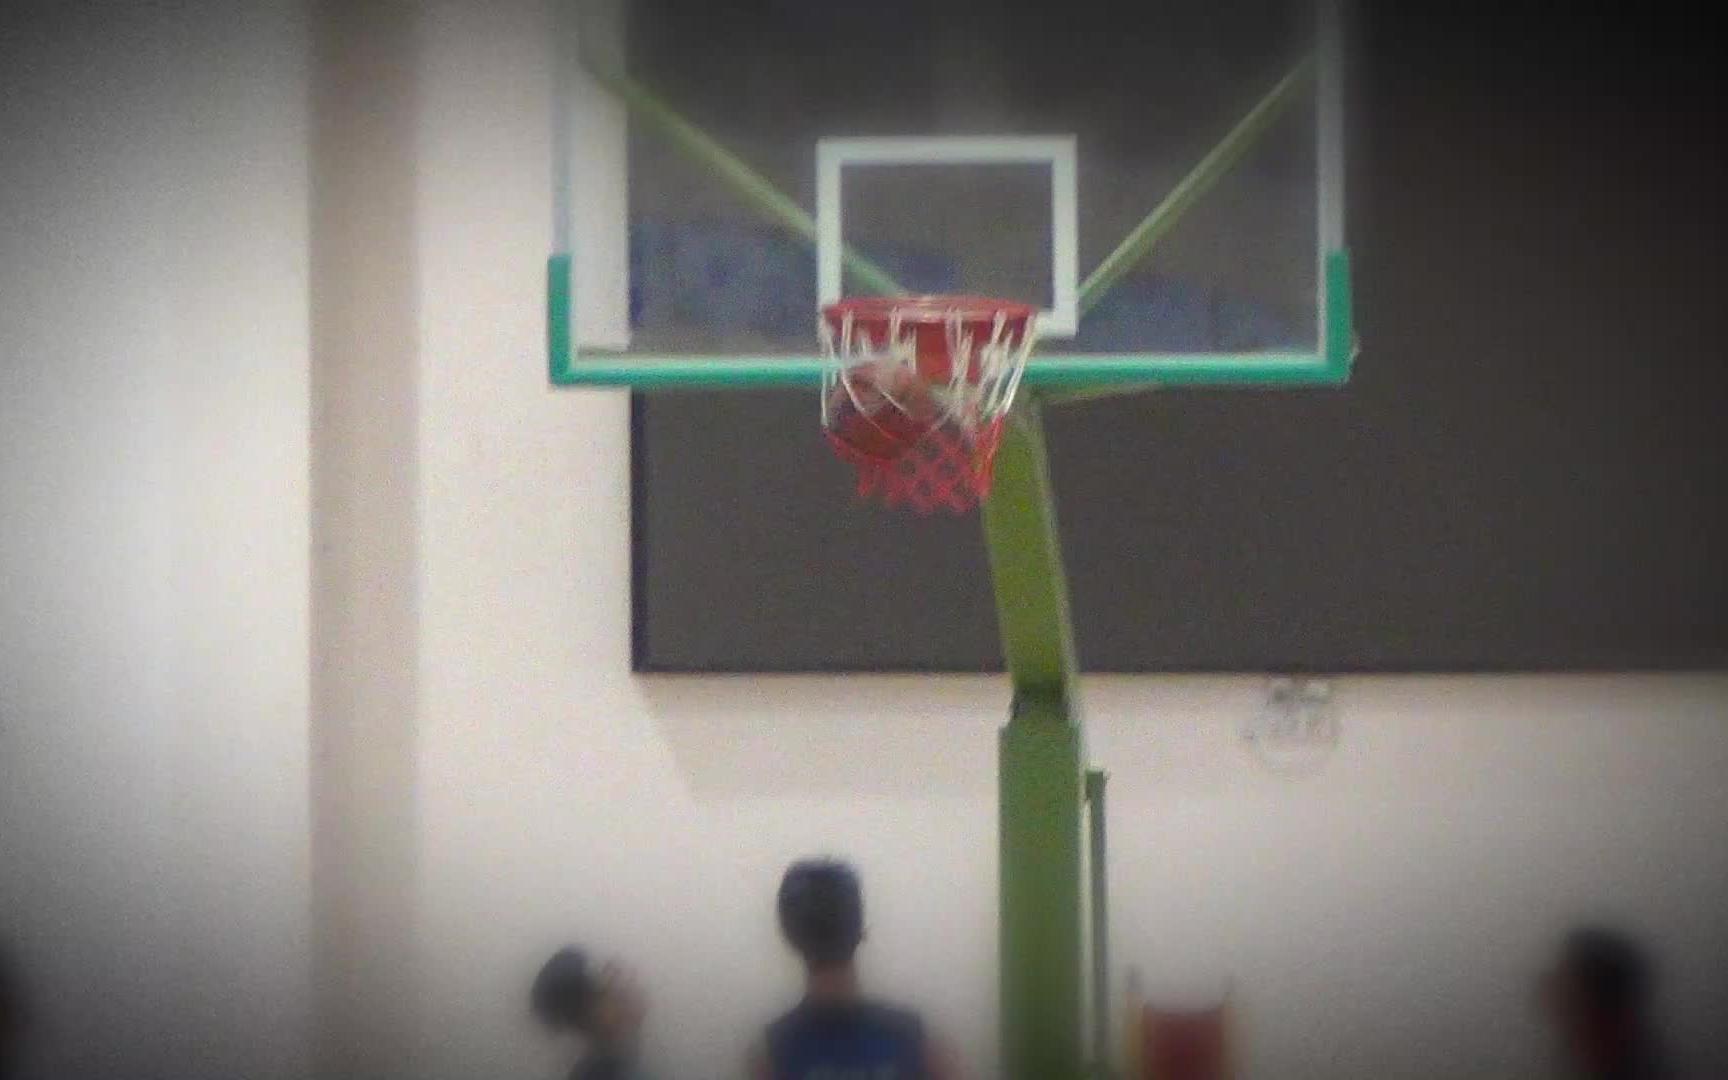 学校篮球比赛燃爆剪辑| 我的剪辑技术炉火纯青!